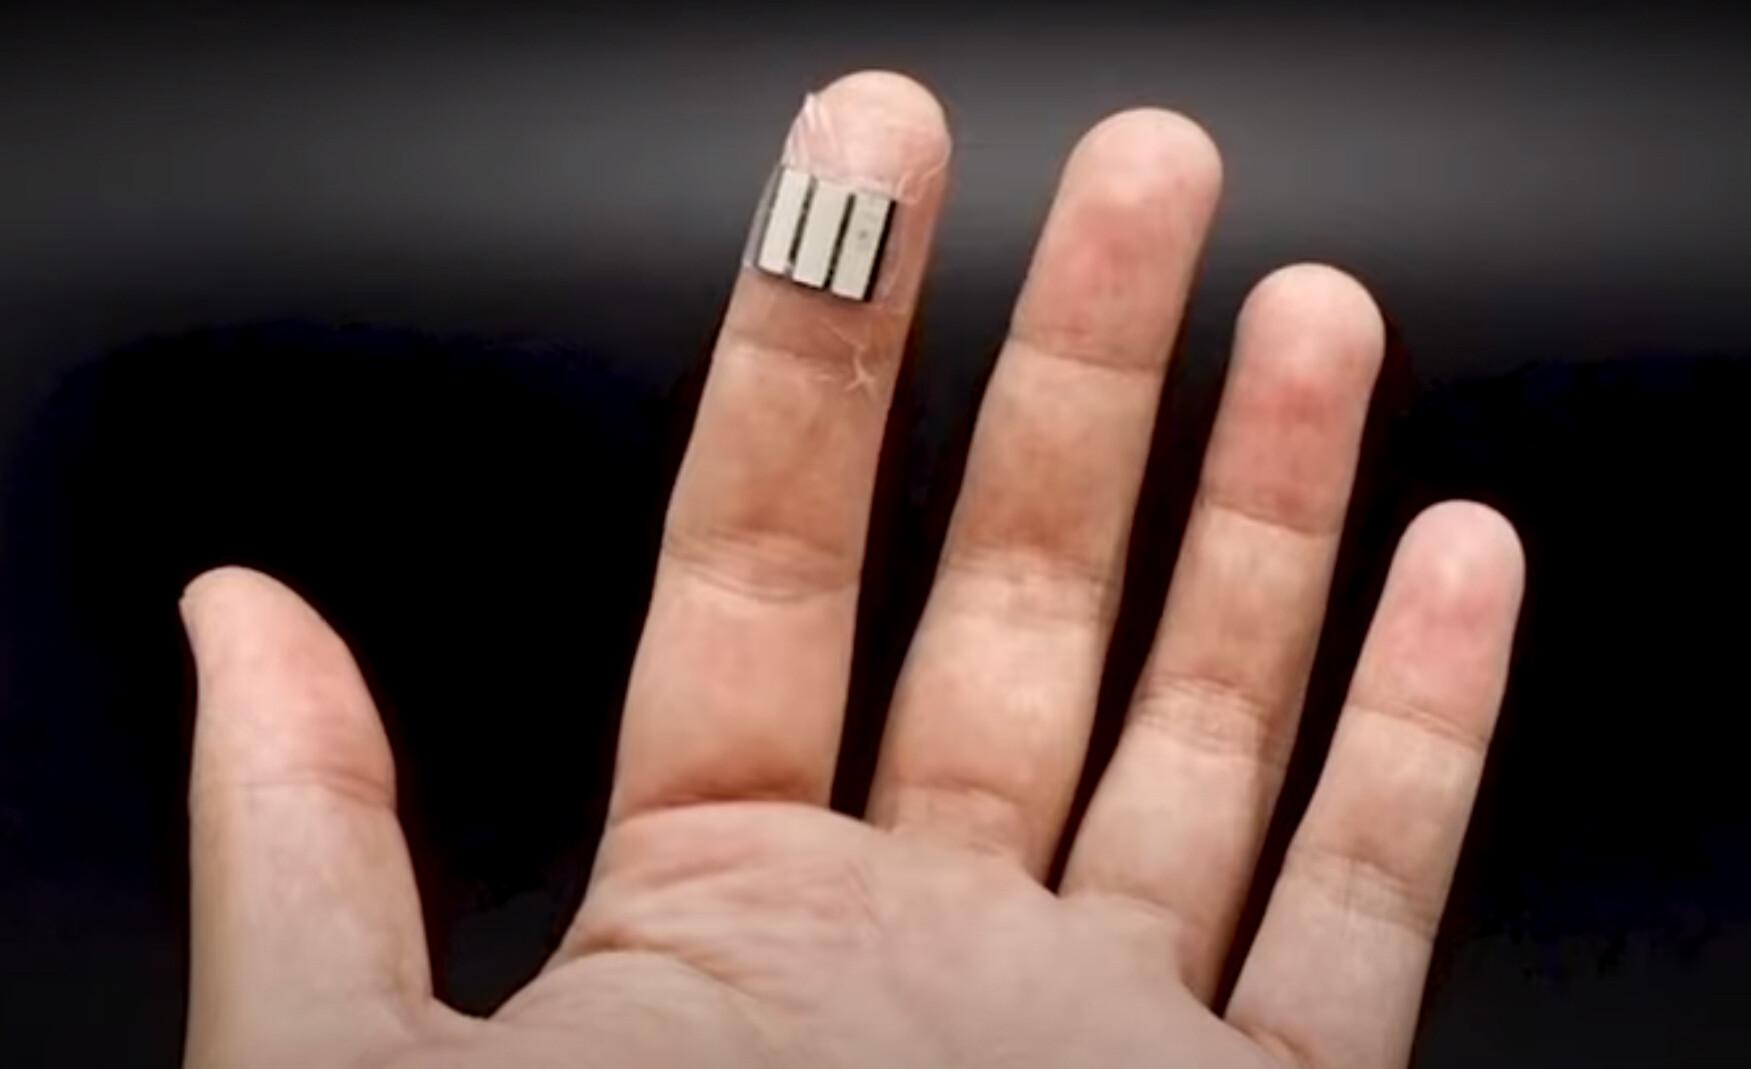 指先に貼るだけで汗から発電してくれる絆創膏型のバッテリーが開発される